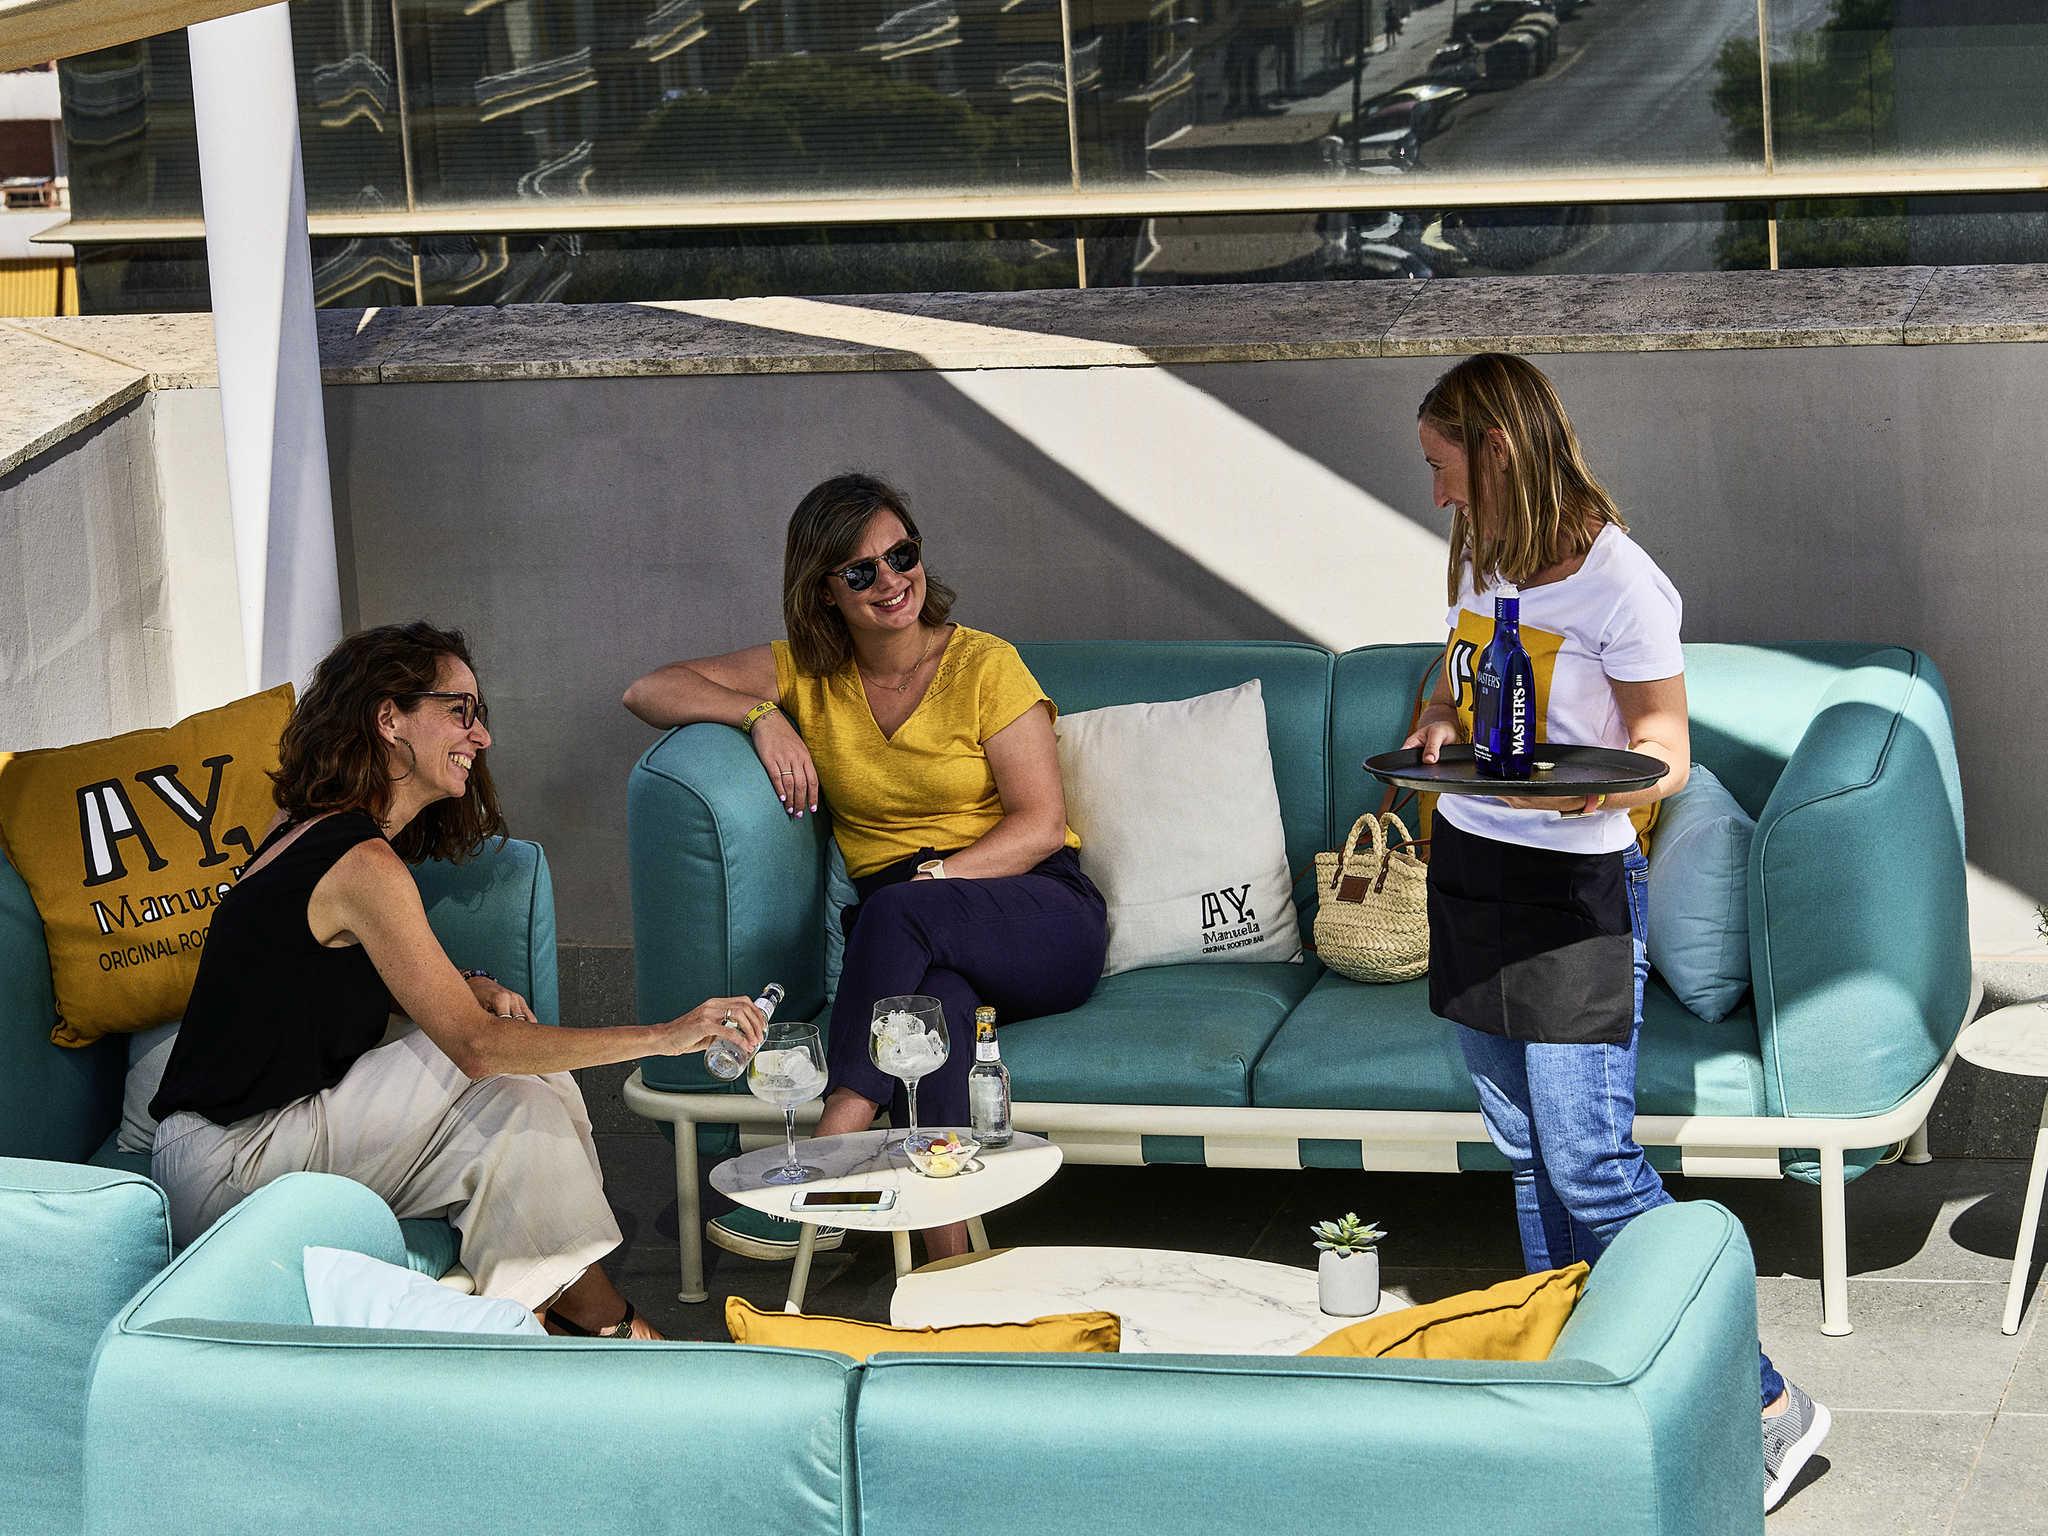 Novotel sevilla hoteles en sevilla accorhotrvion con for Hoteles baratos en sevilla con piscina